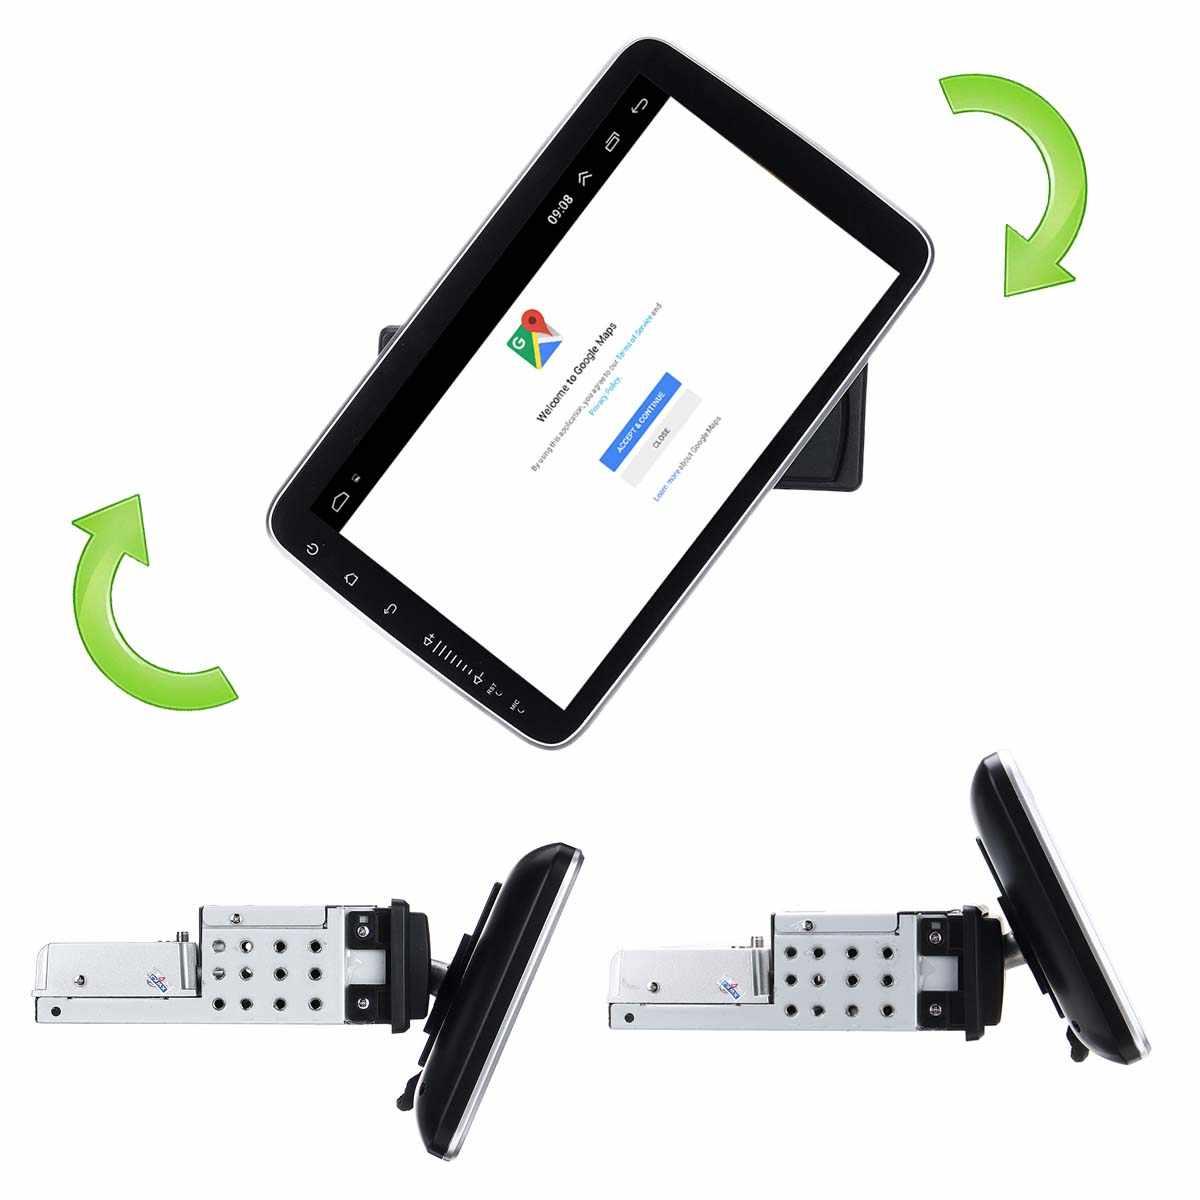 9/10 Cal samochodowy odtwarzacz multimedialny 8 rdzeń 16/32G dla androida 8.0/8.1 z 360 stopni obrotowy ekran GPS WiFi radio odtwarzacz